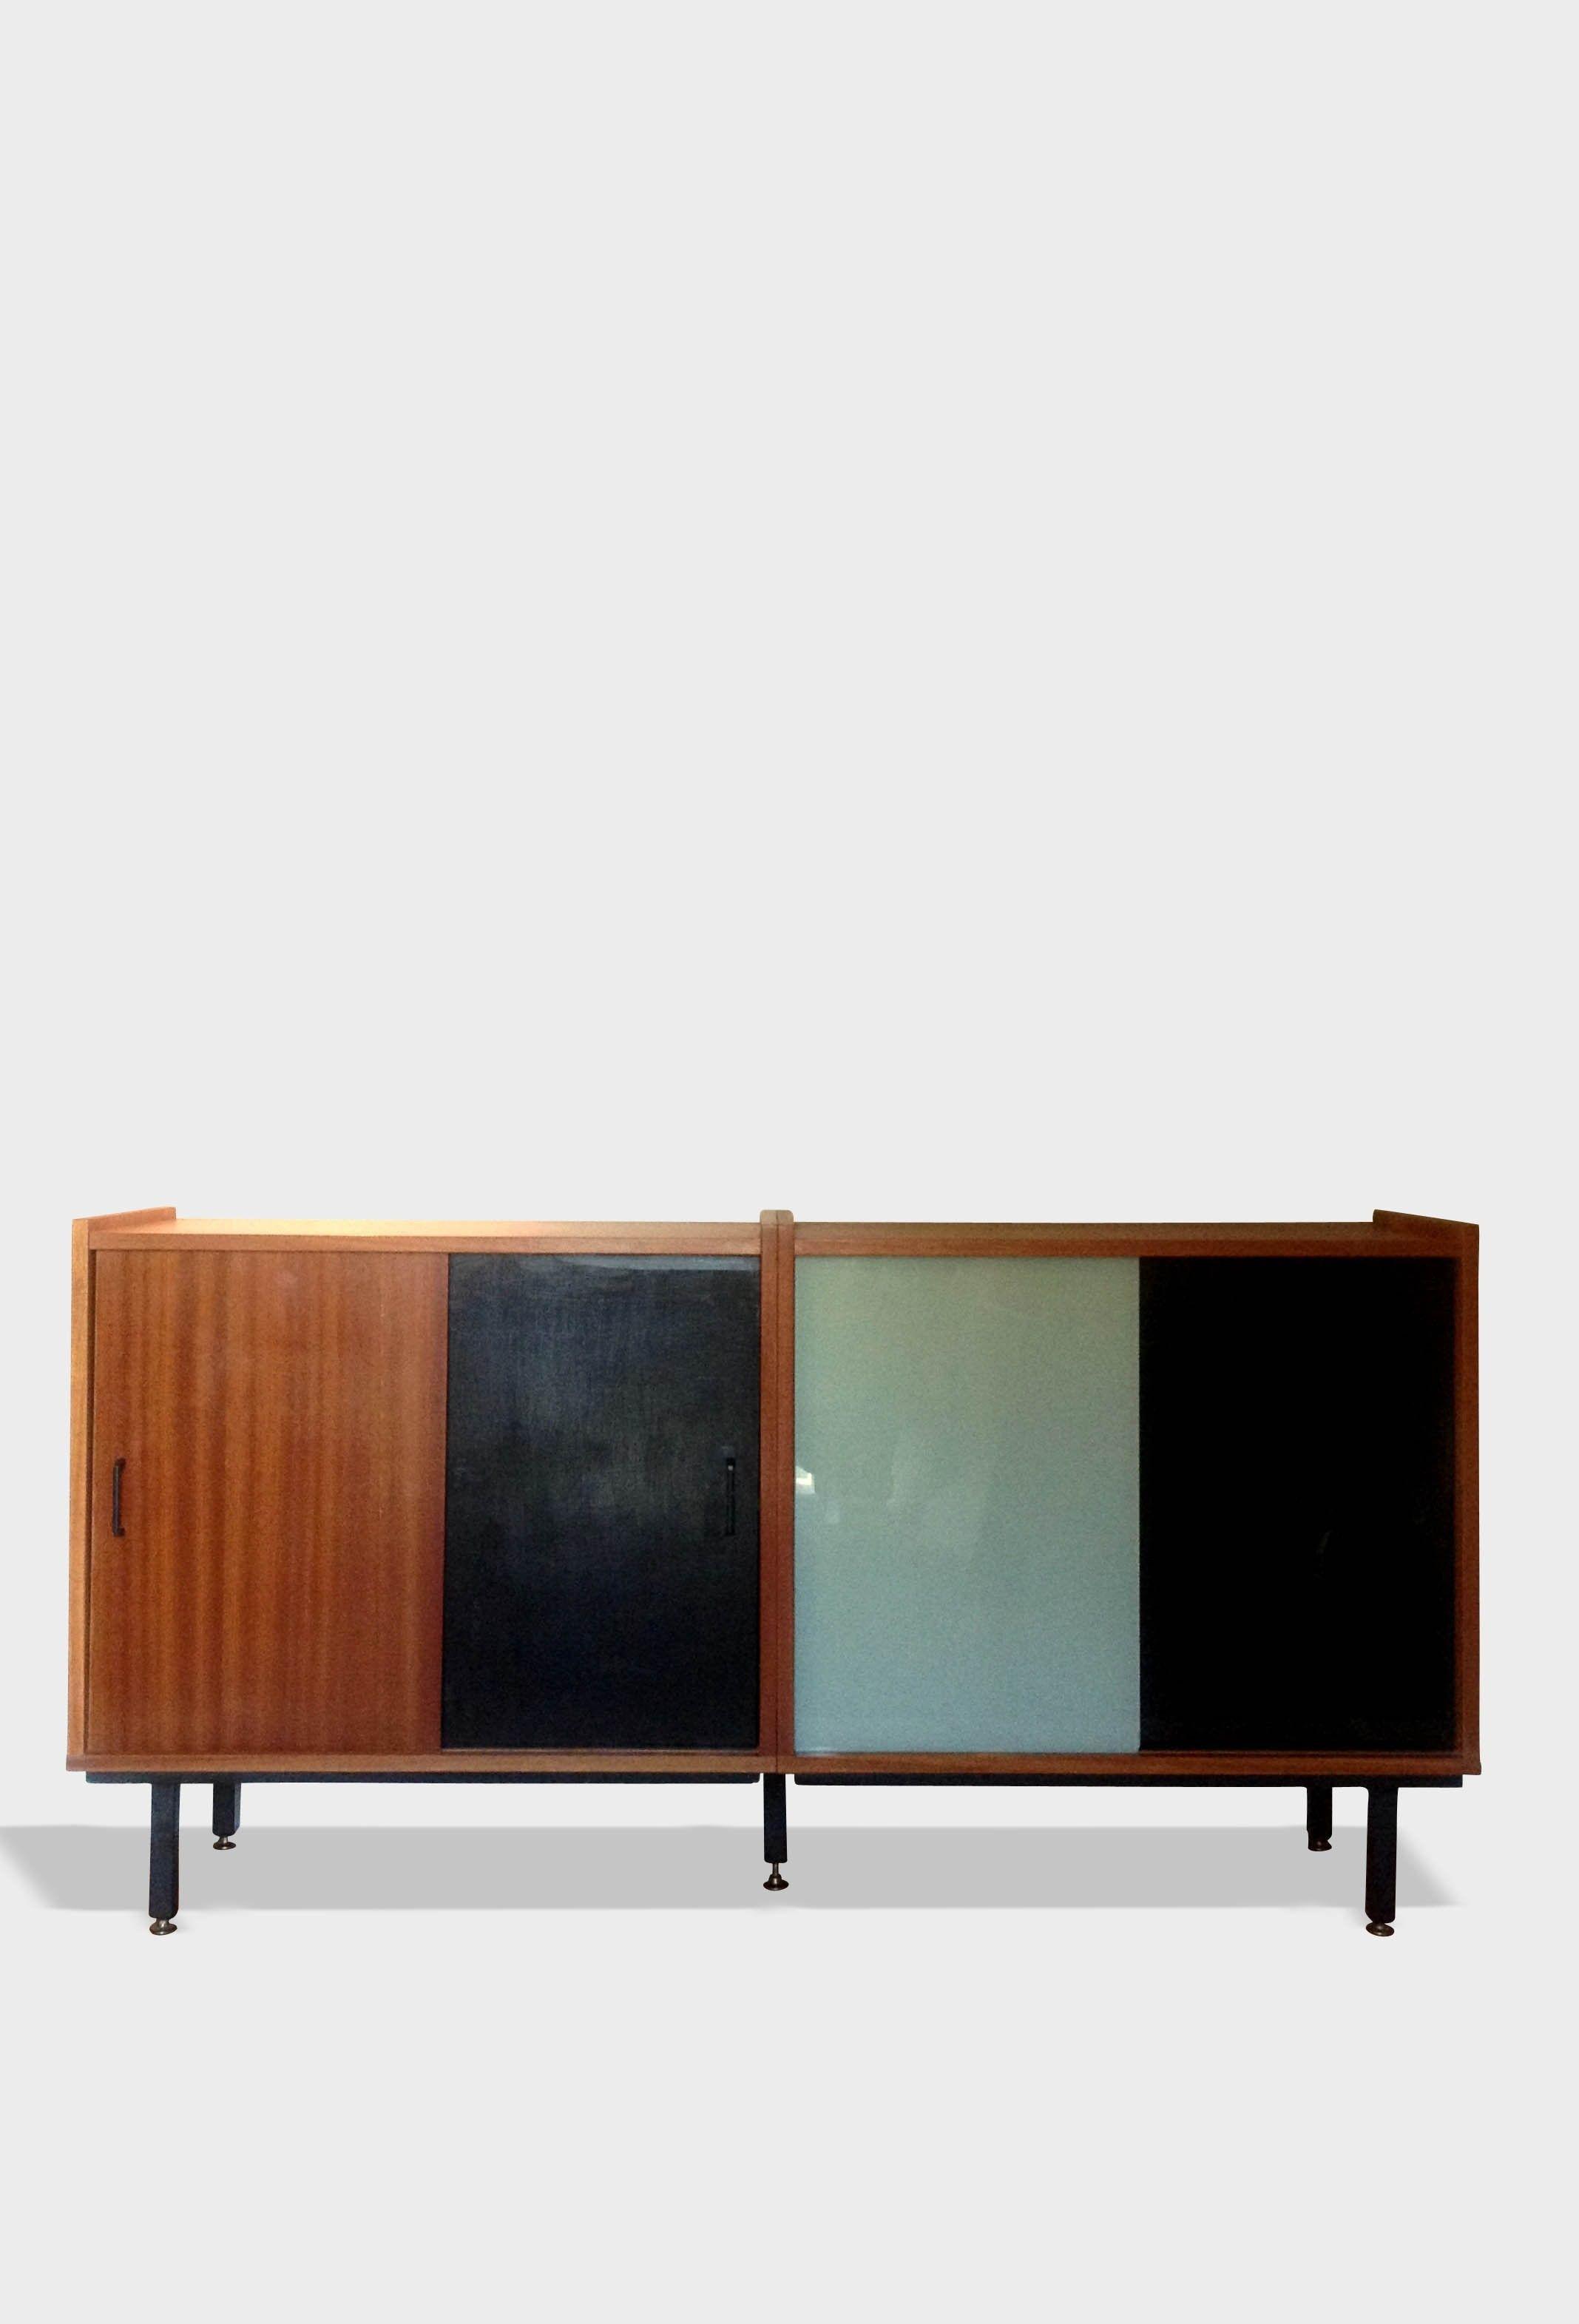 Epingle Par Lola Jade Rsn Sur Fournitures Mobilier De Salon Deco Vintage Vintage Design